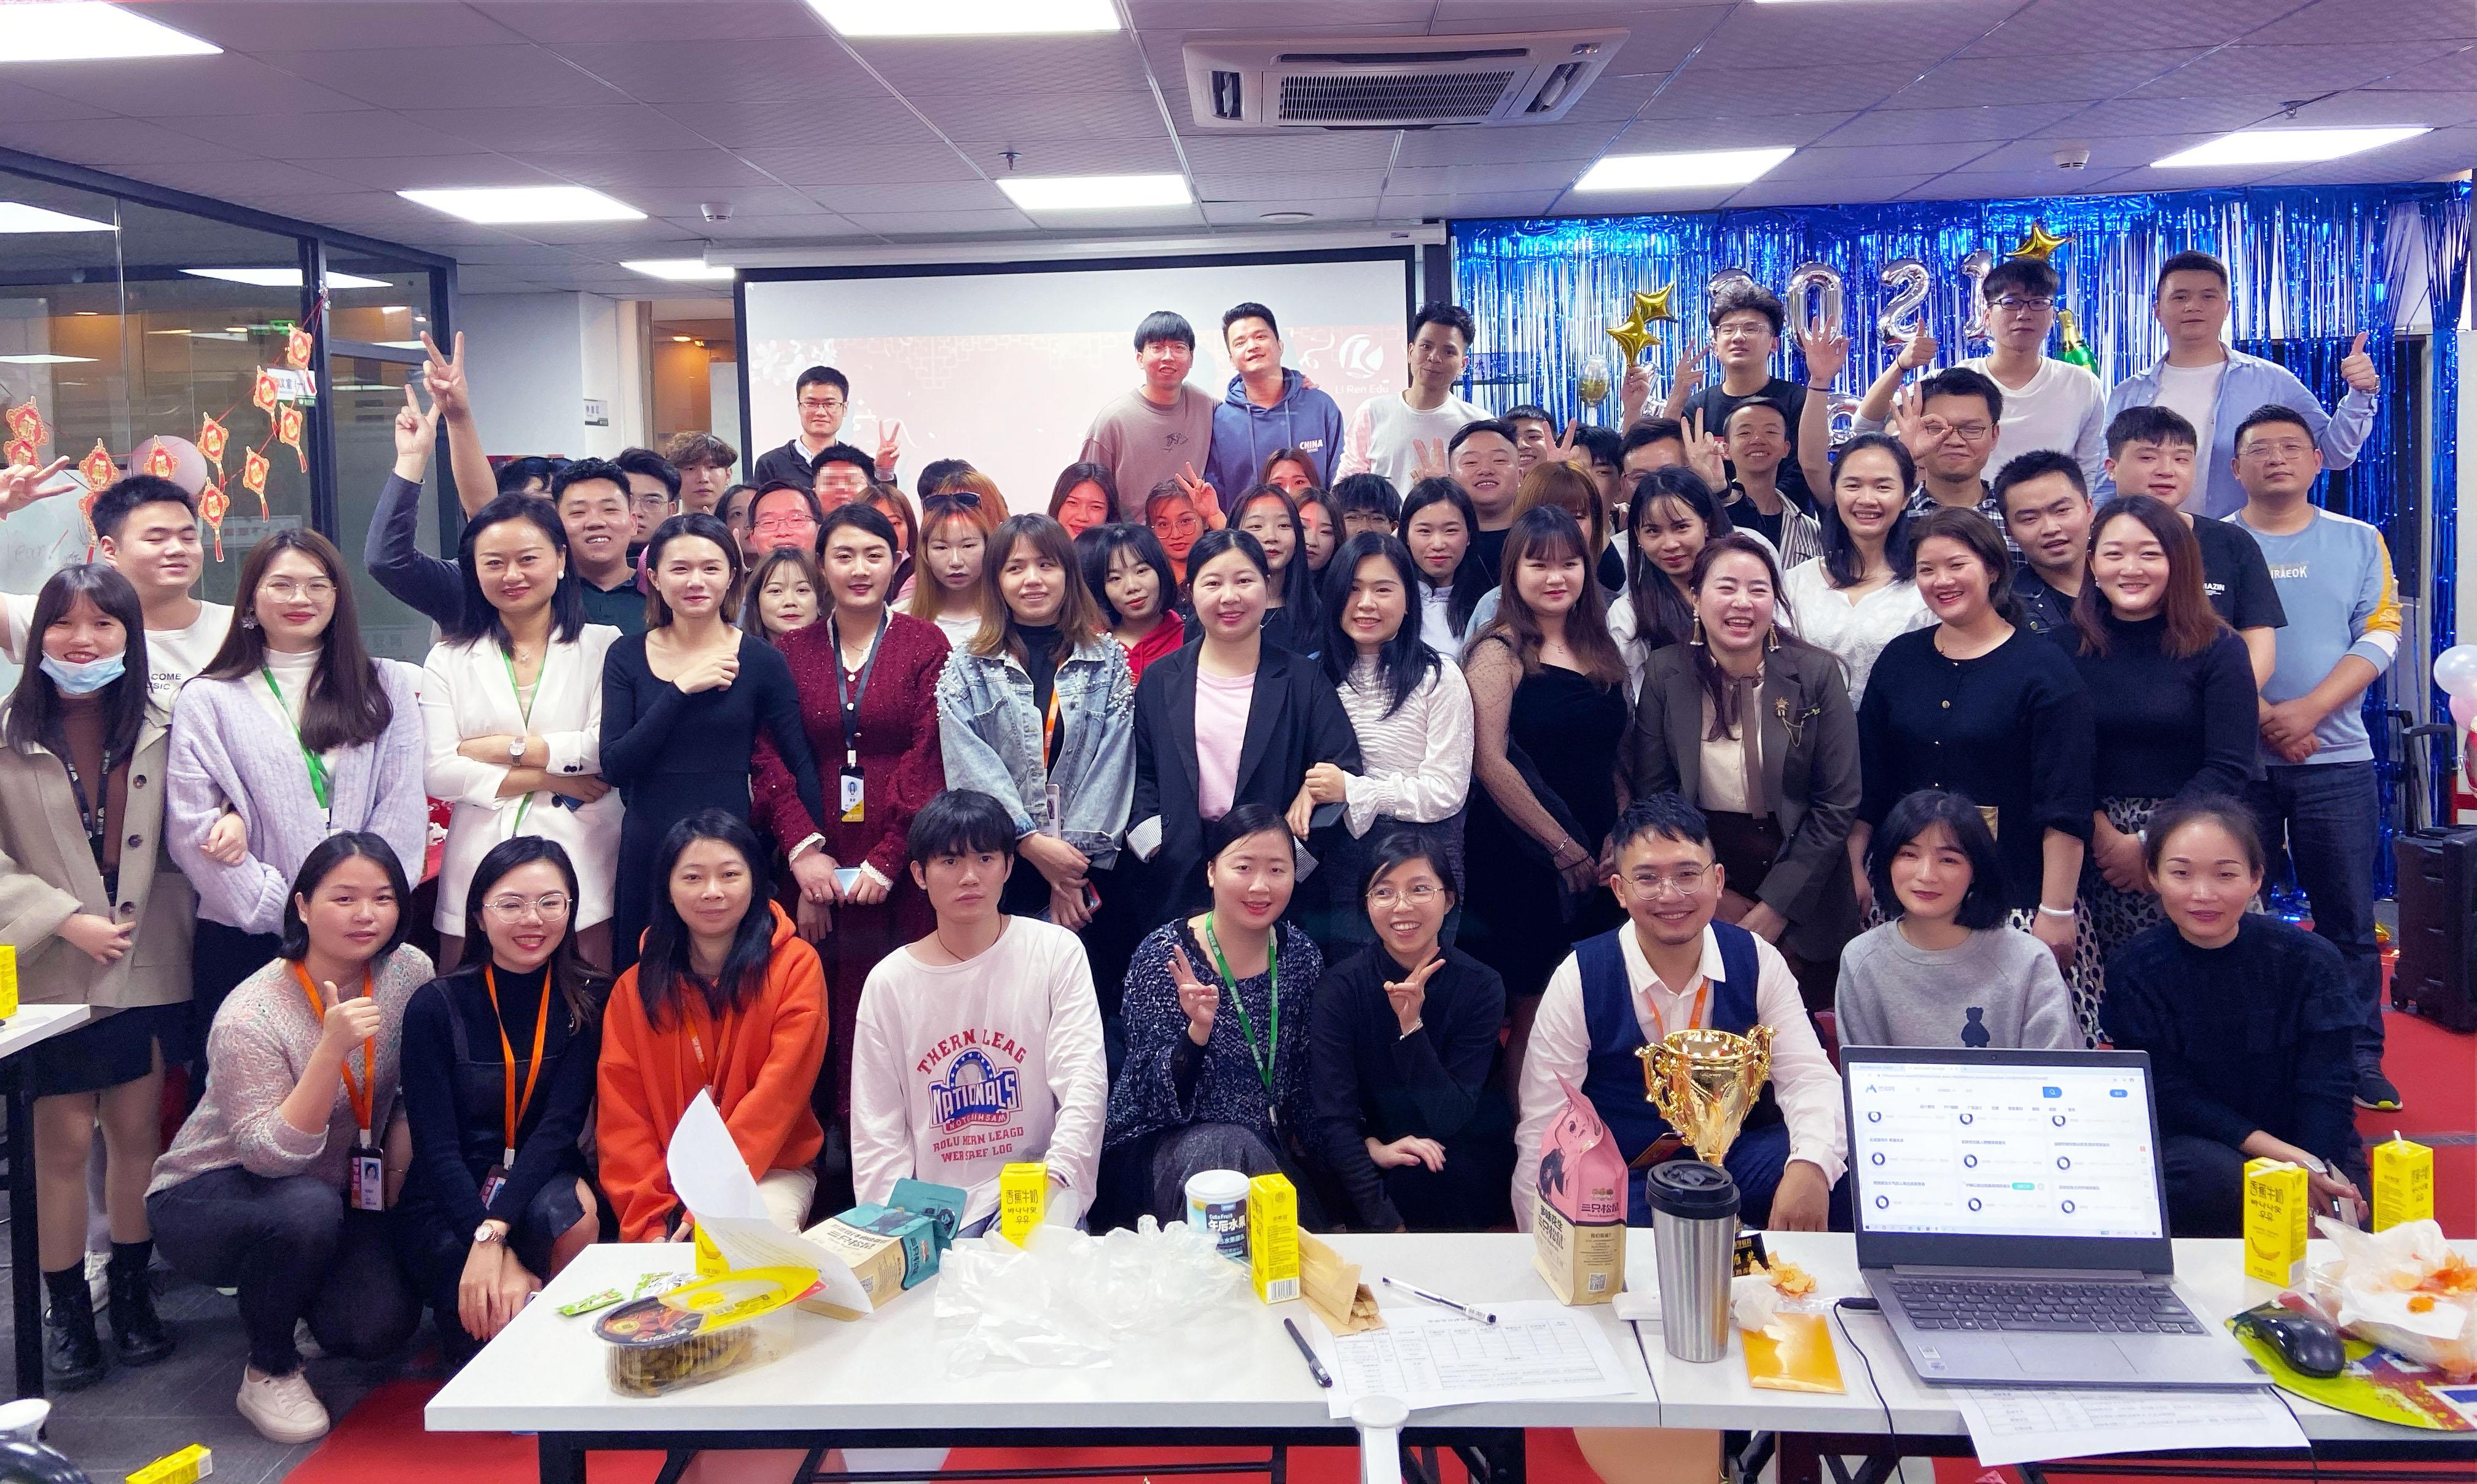 深圳立人教育